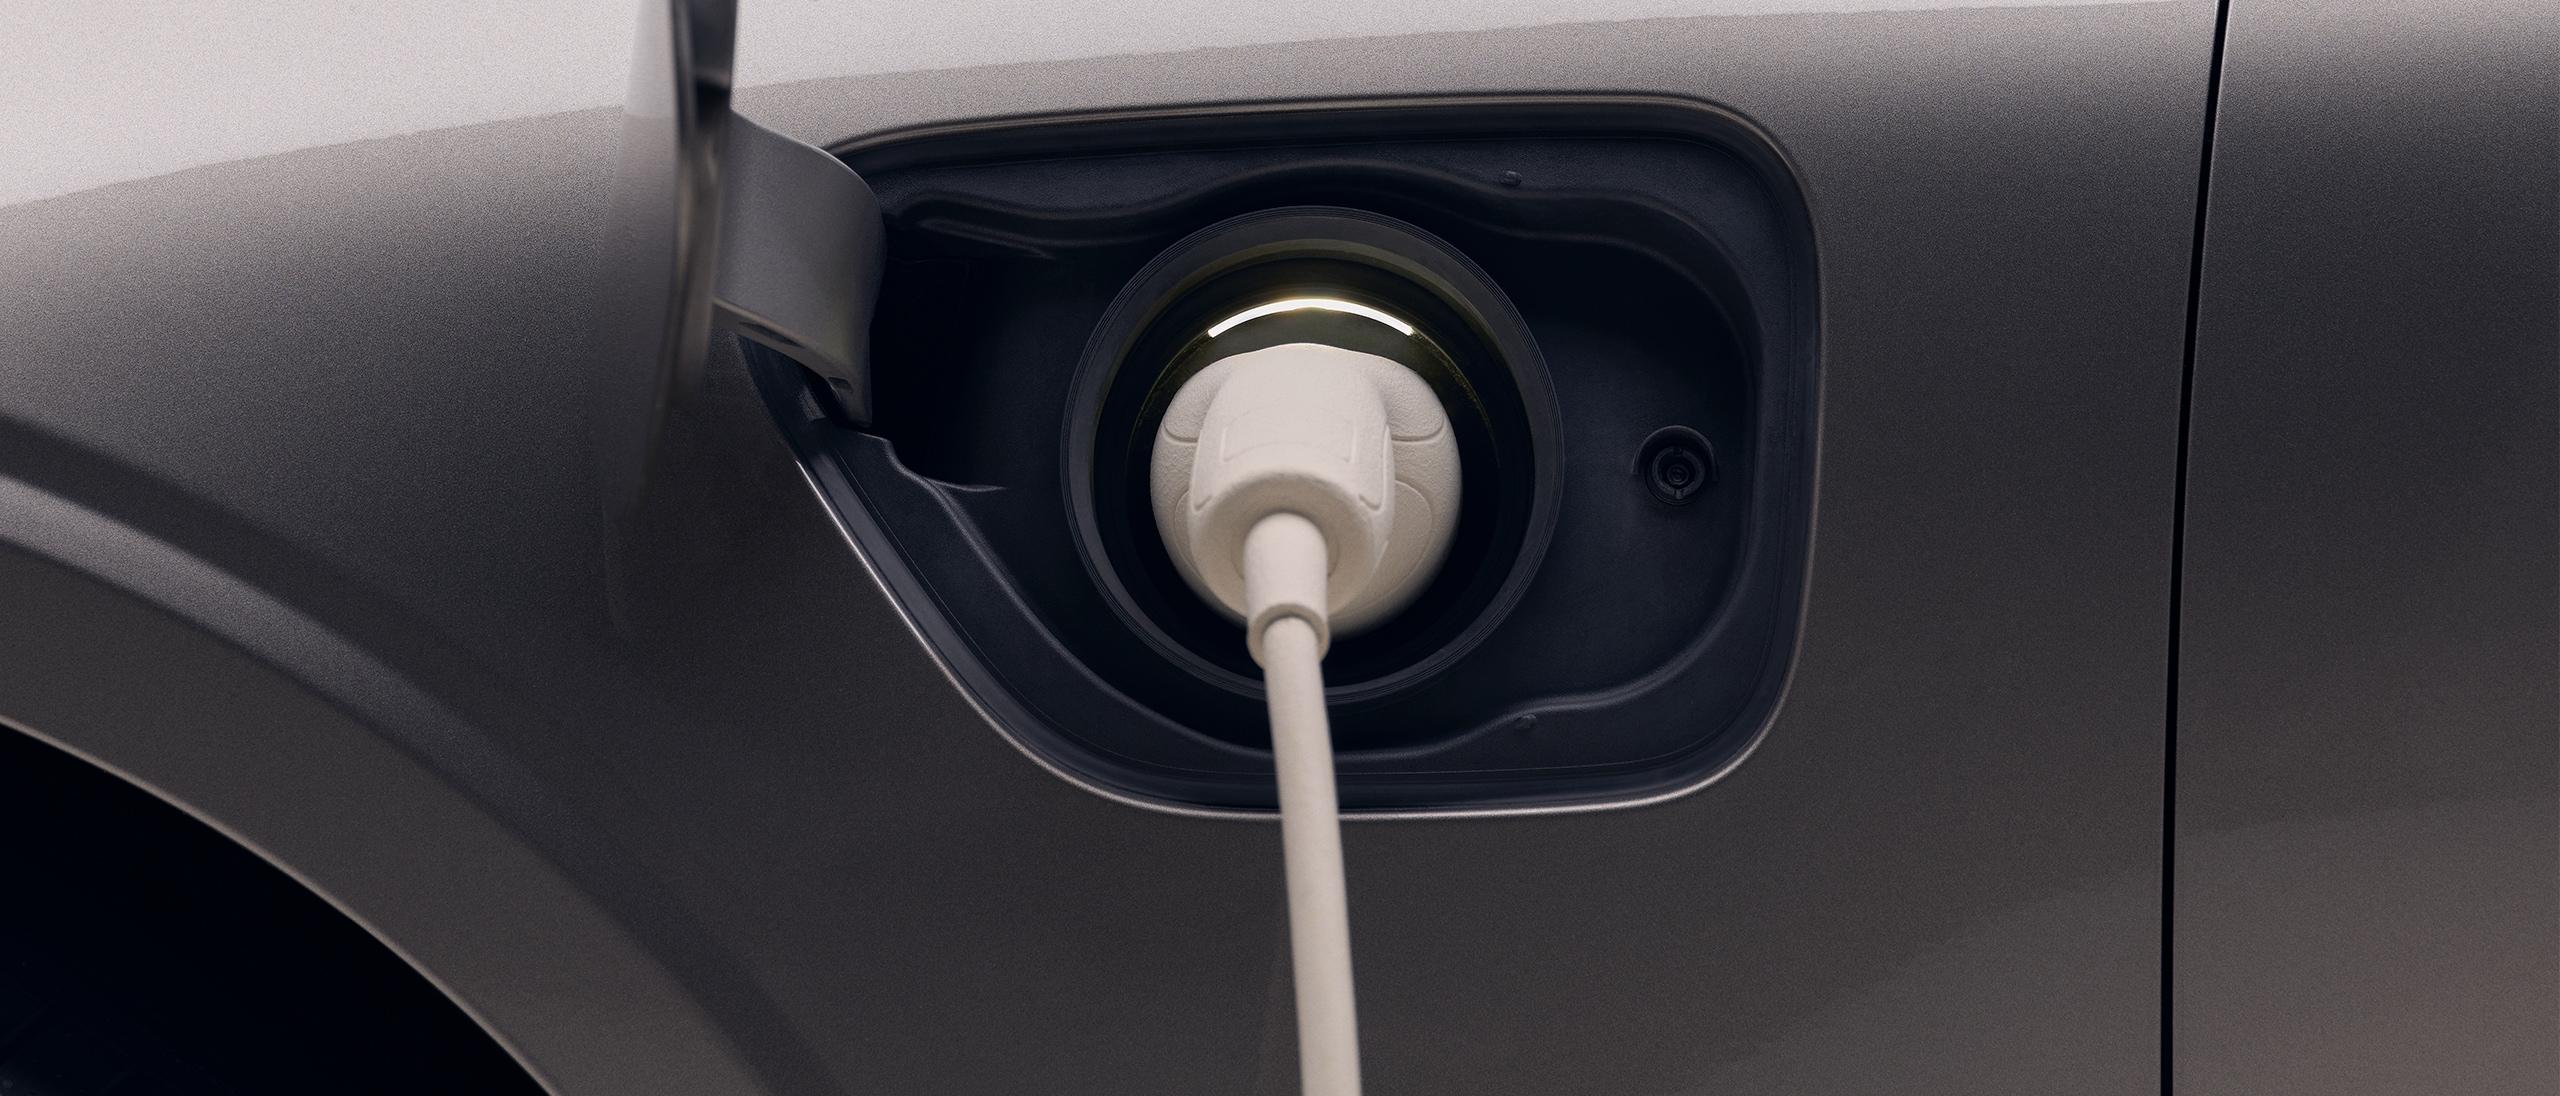 Primer plano de la parte delantera izquierda de un nuevo auto eléctrico Volvo de color gris oscuro, con un cable de recarga blanco conectado al puerto de recarga del auto.